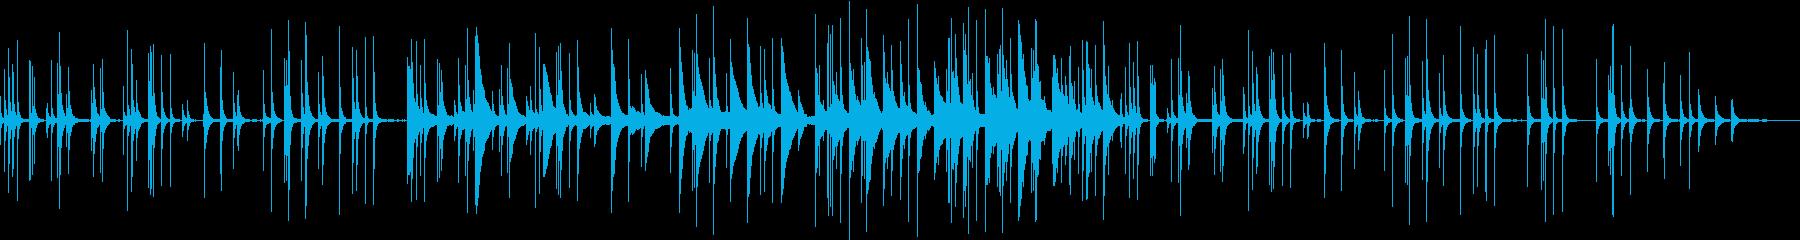 素朴な民族楽器の音色のゆったり優しい曲の再生済みの波形